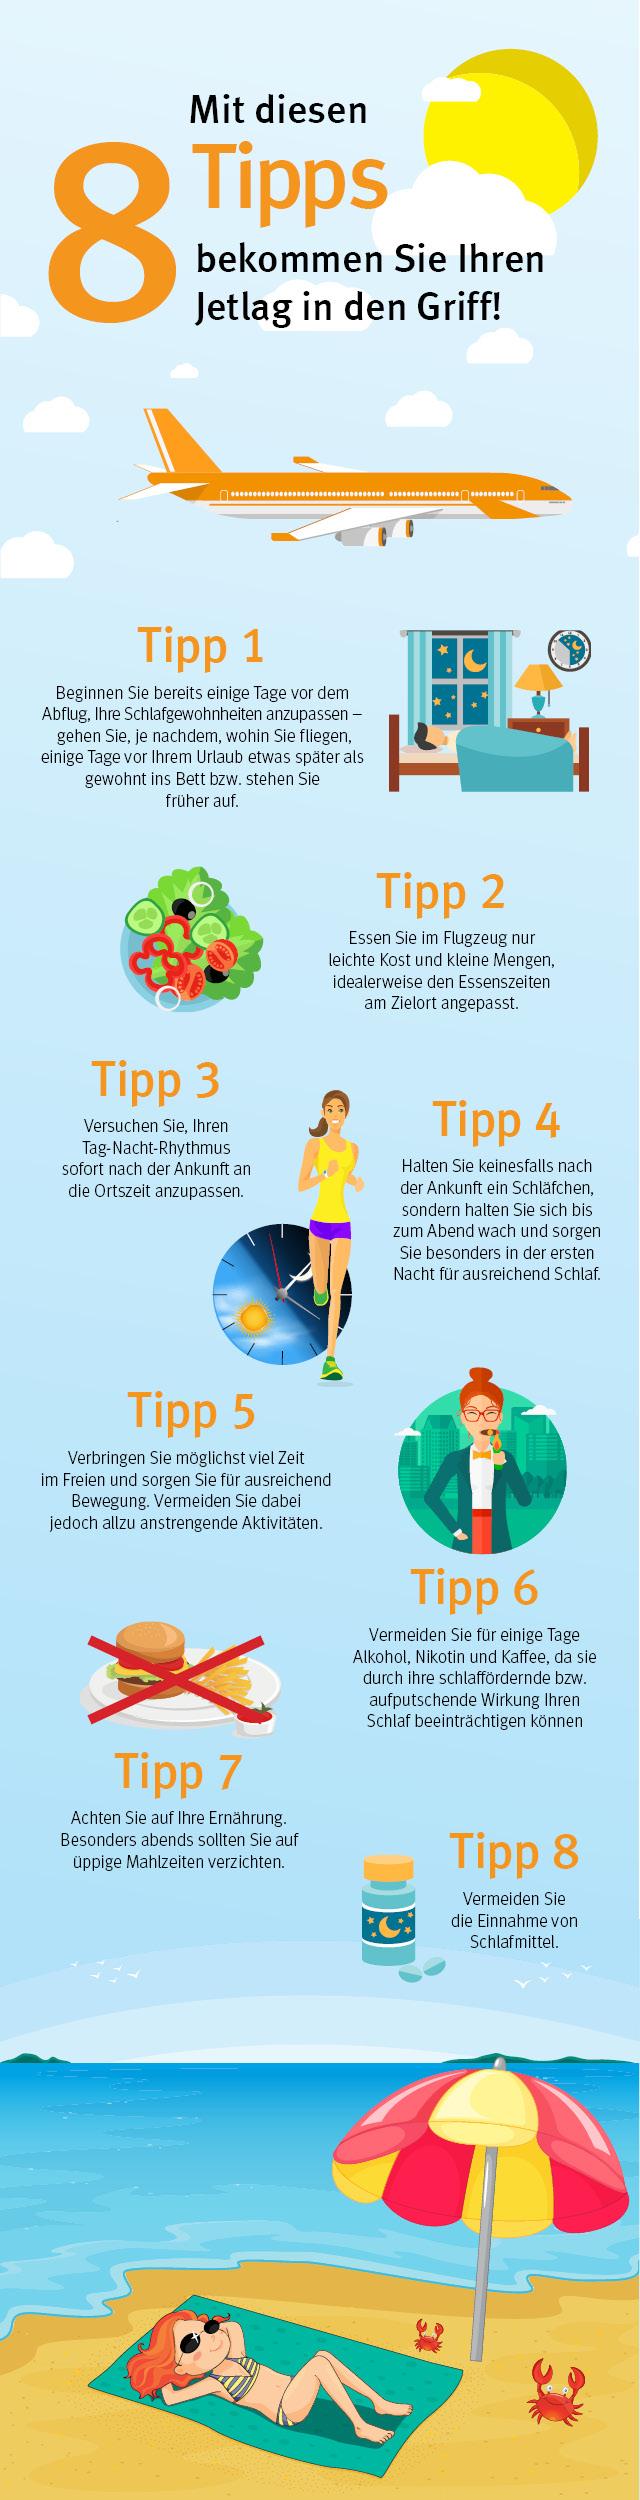 Acht-Tipps-gegen-Jetlag